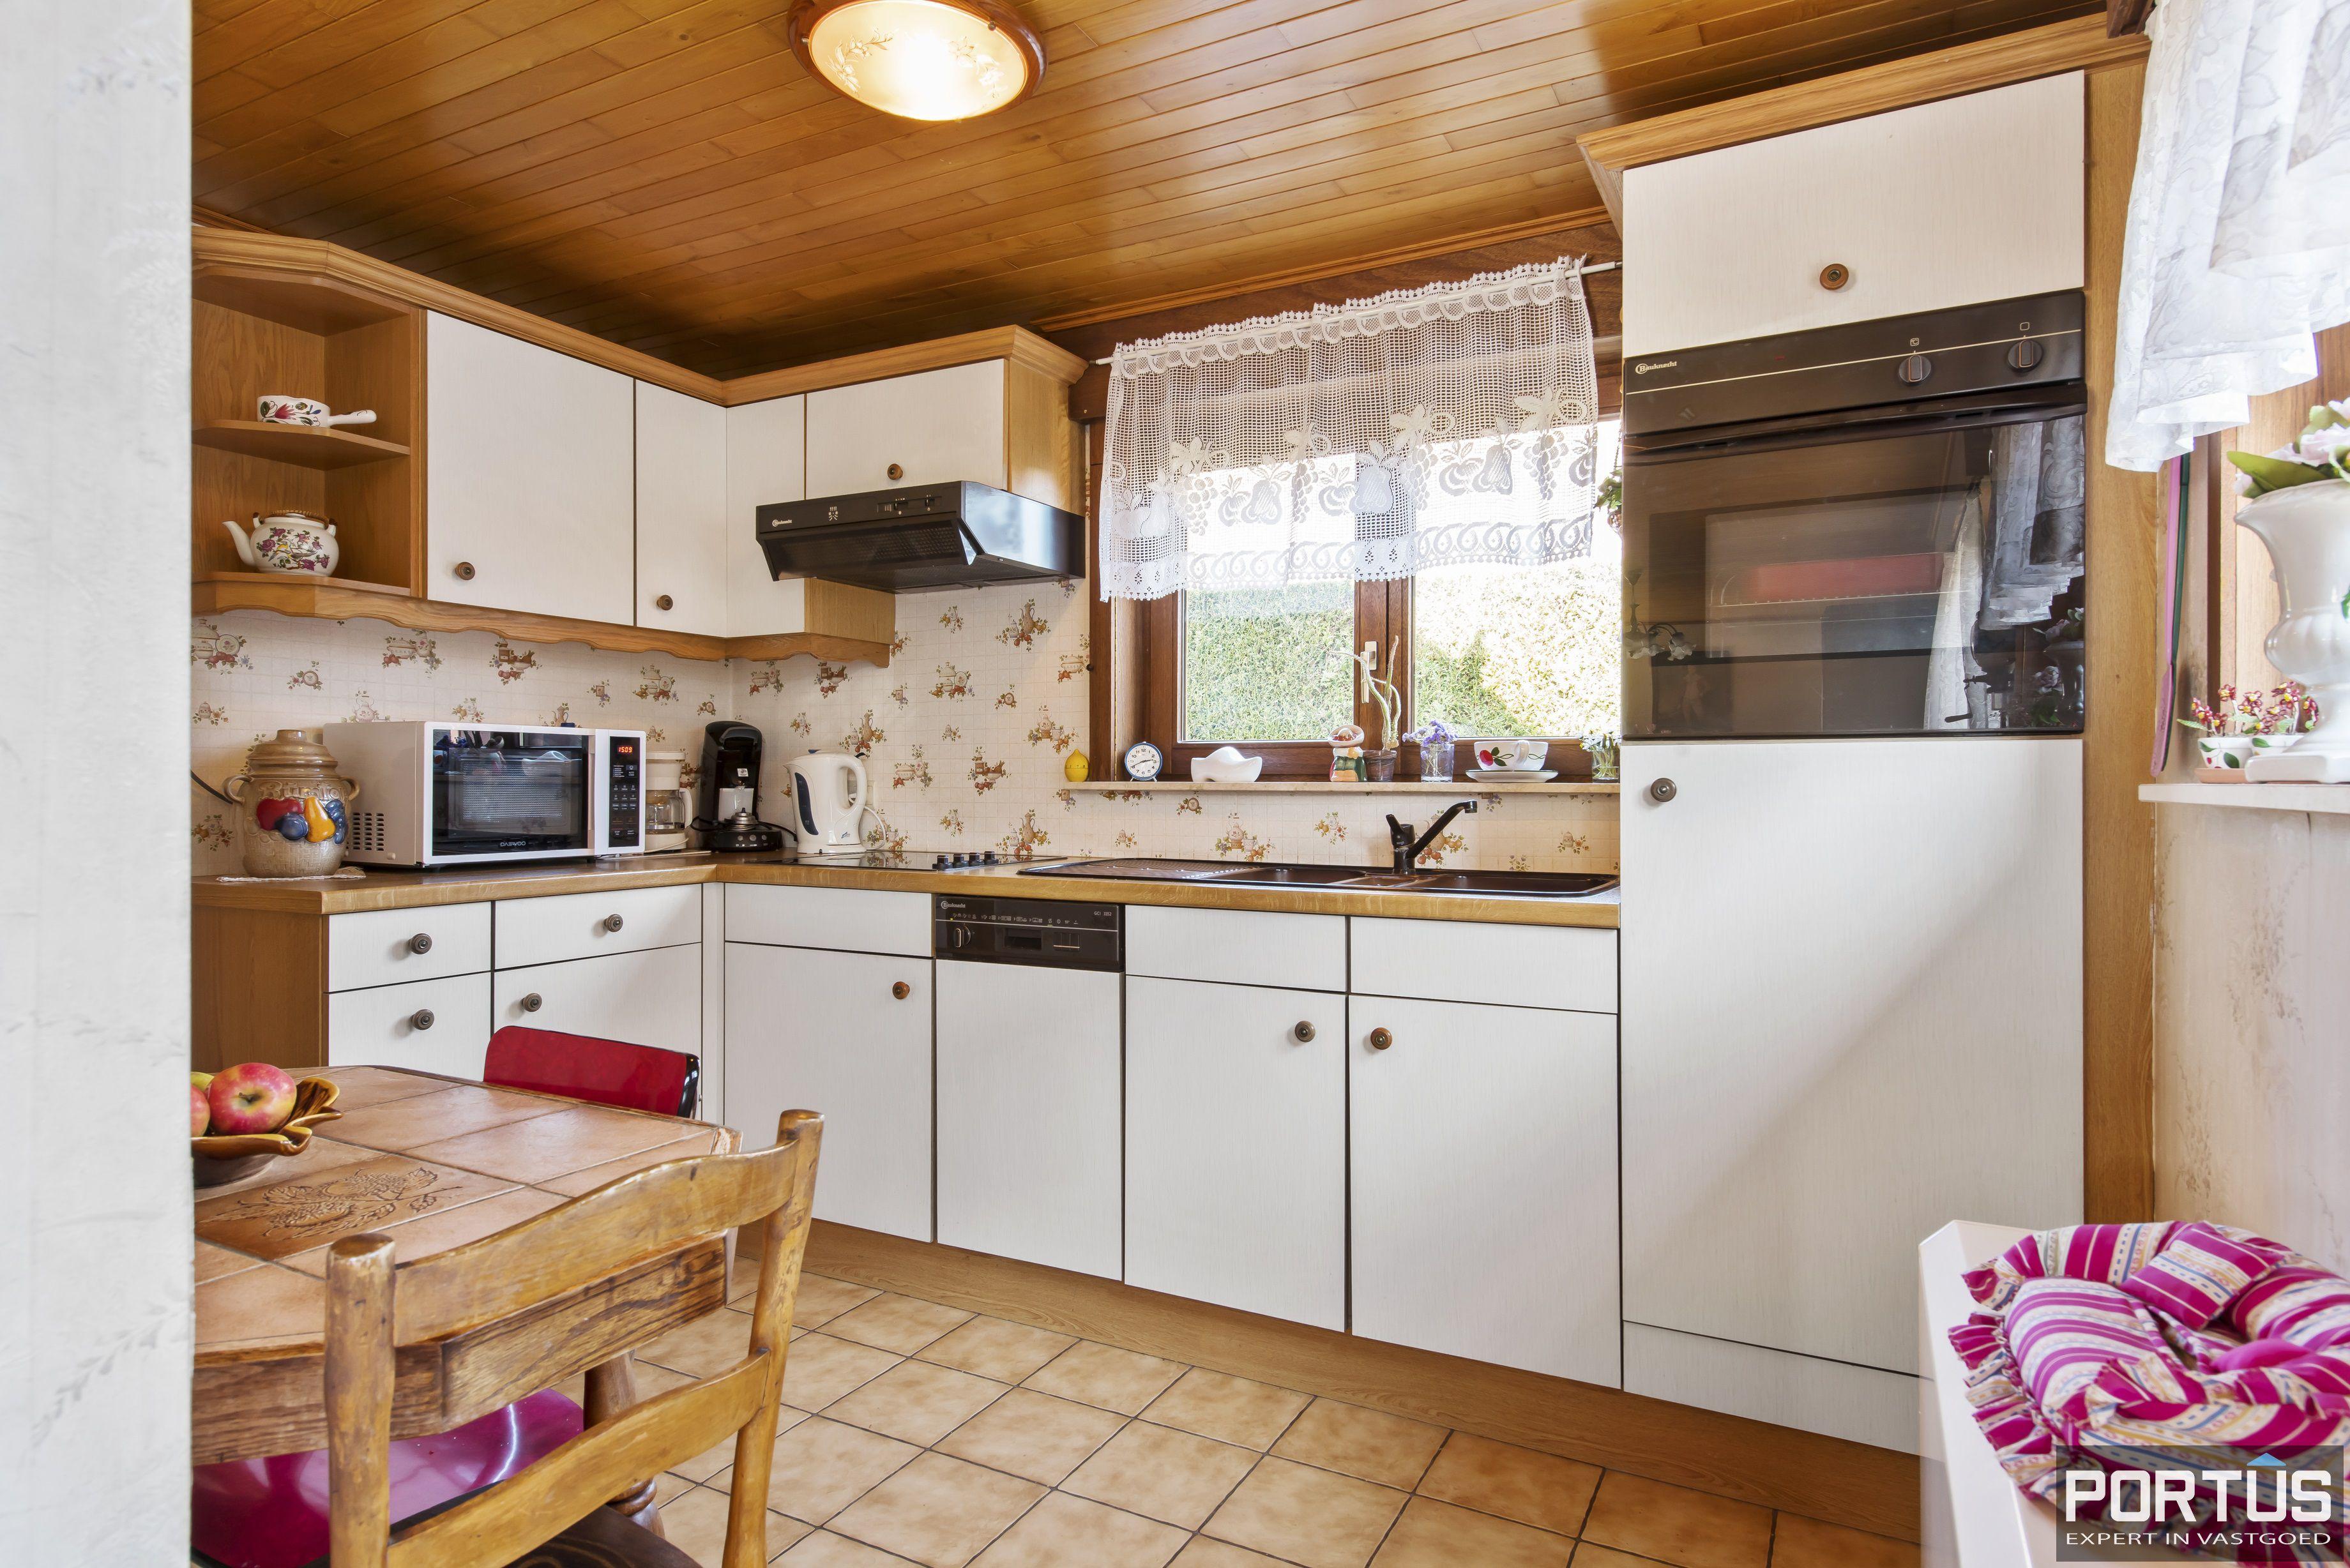 Instapklare ruime vakantiewoning met tuin te koop te Westende - 9585